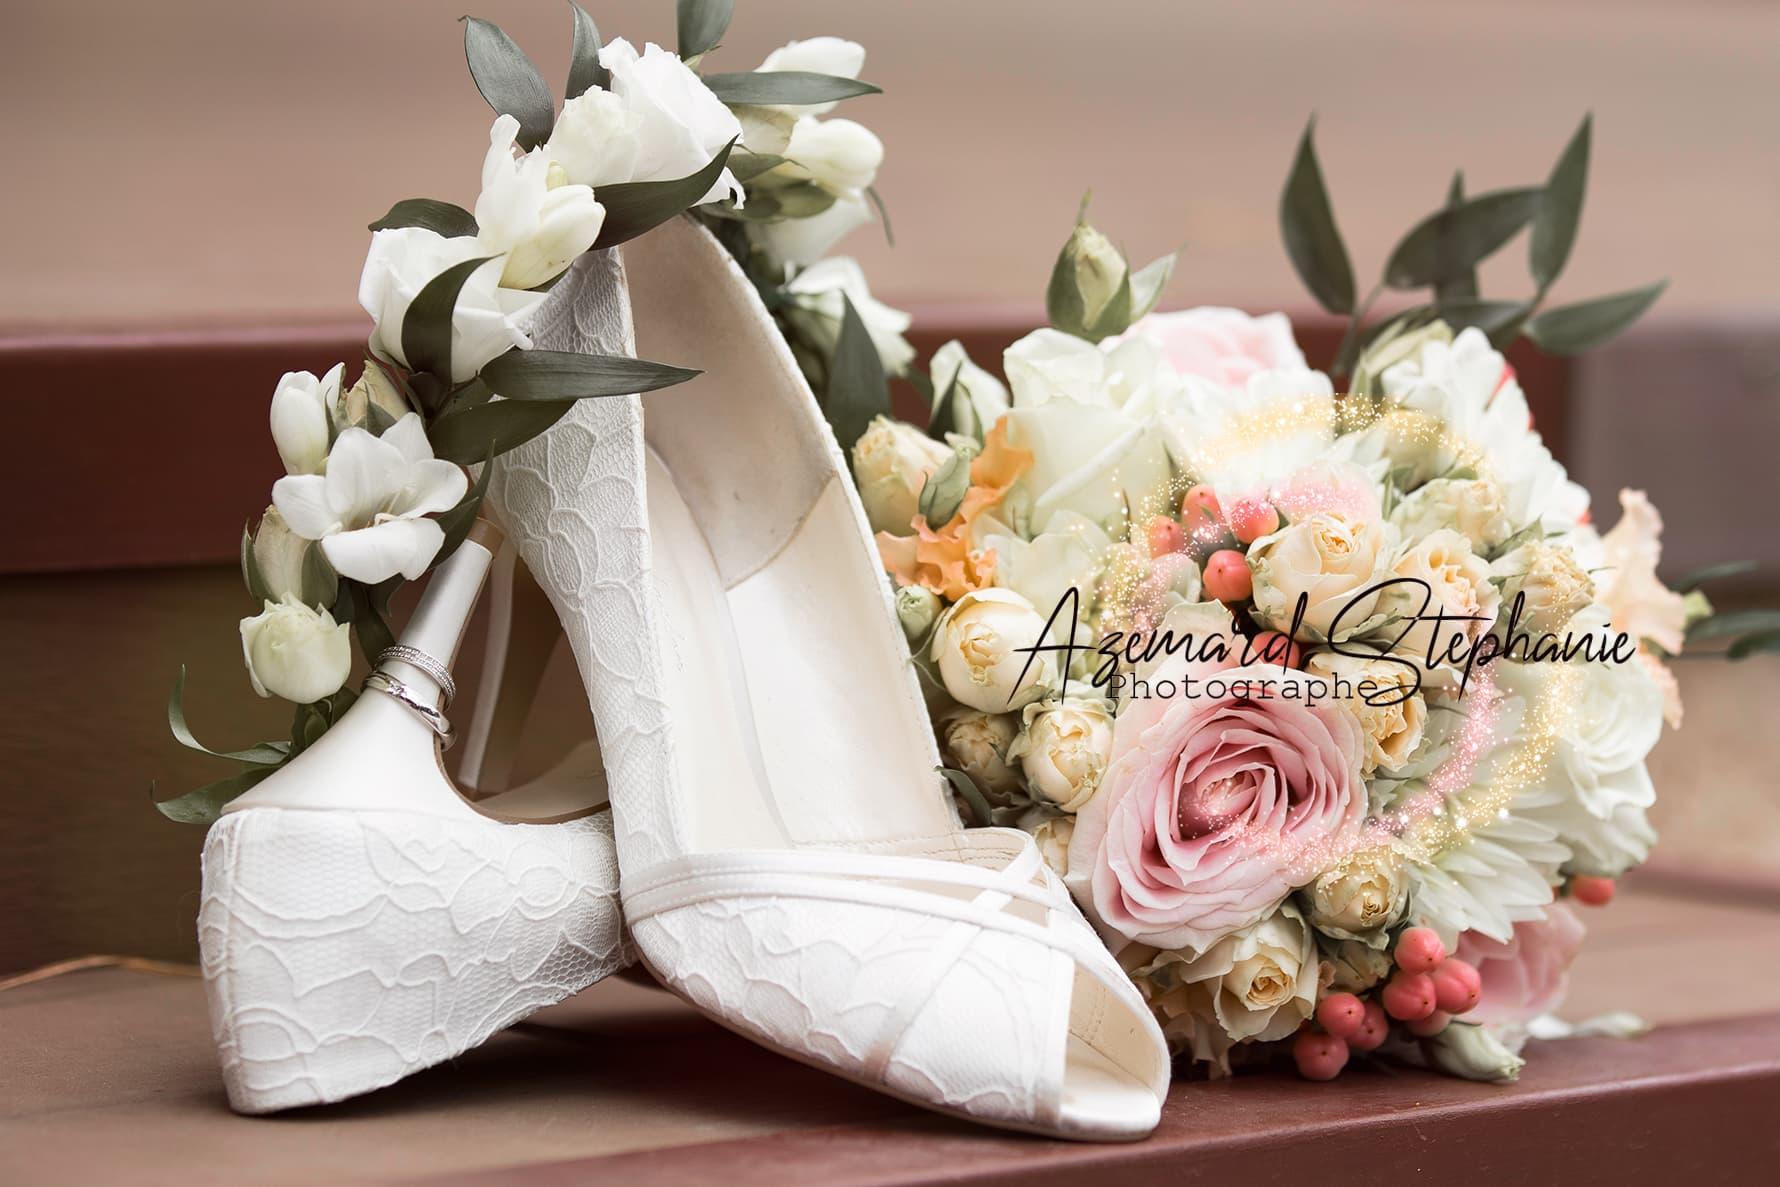 Bouquet et couronne de mariage en fleurs fraîches bohème chic. Mise en scène pour photo d'alliance de mariage. Azemard Stéphanie photographe dans l'Hérault